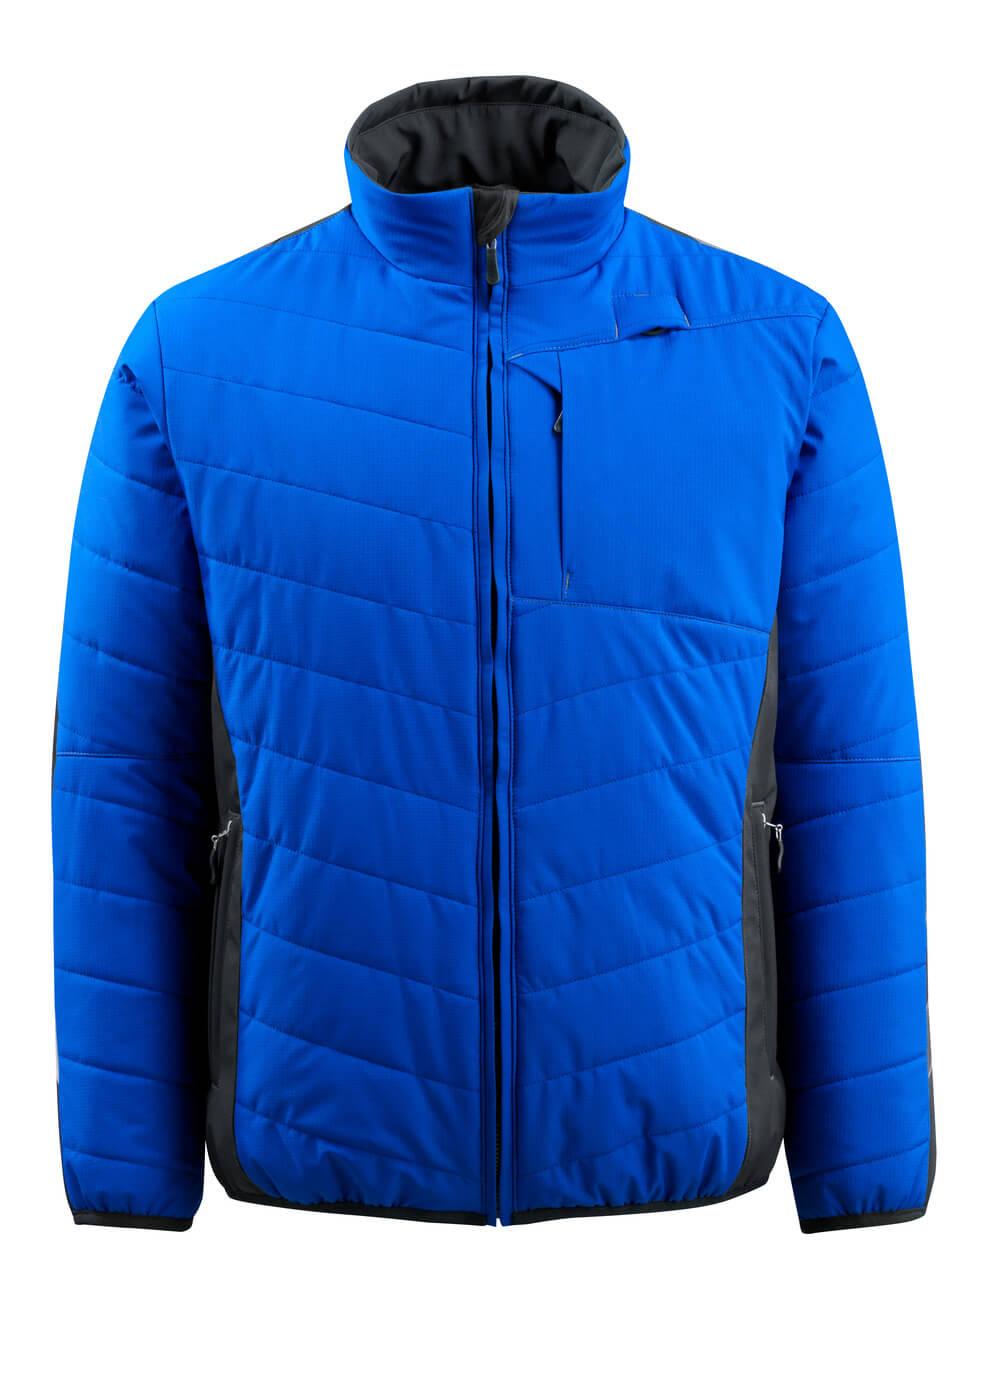 15615-249-11010 Thermal Jacket - royal/dark navy